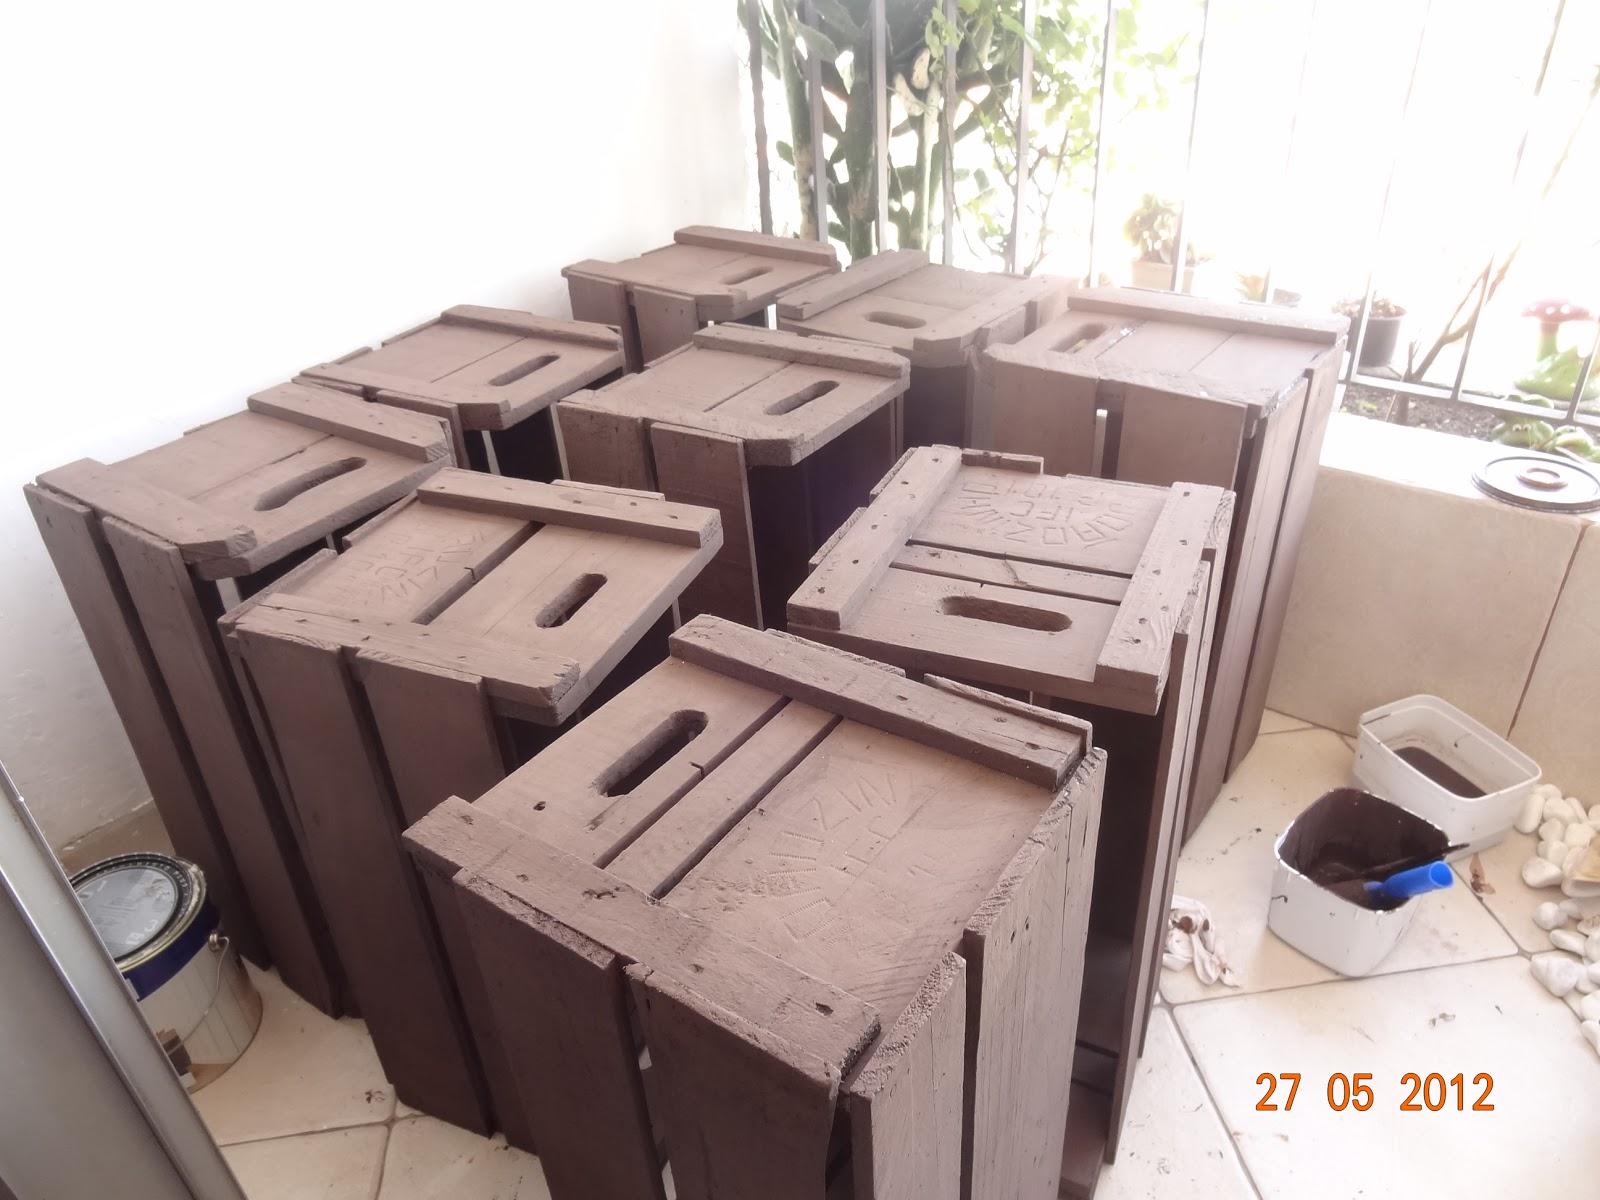 Olha as caixas secando na sacada do apartamento: #AA5621 1600x1200